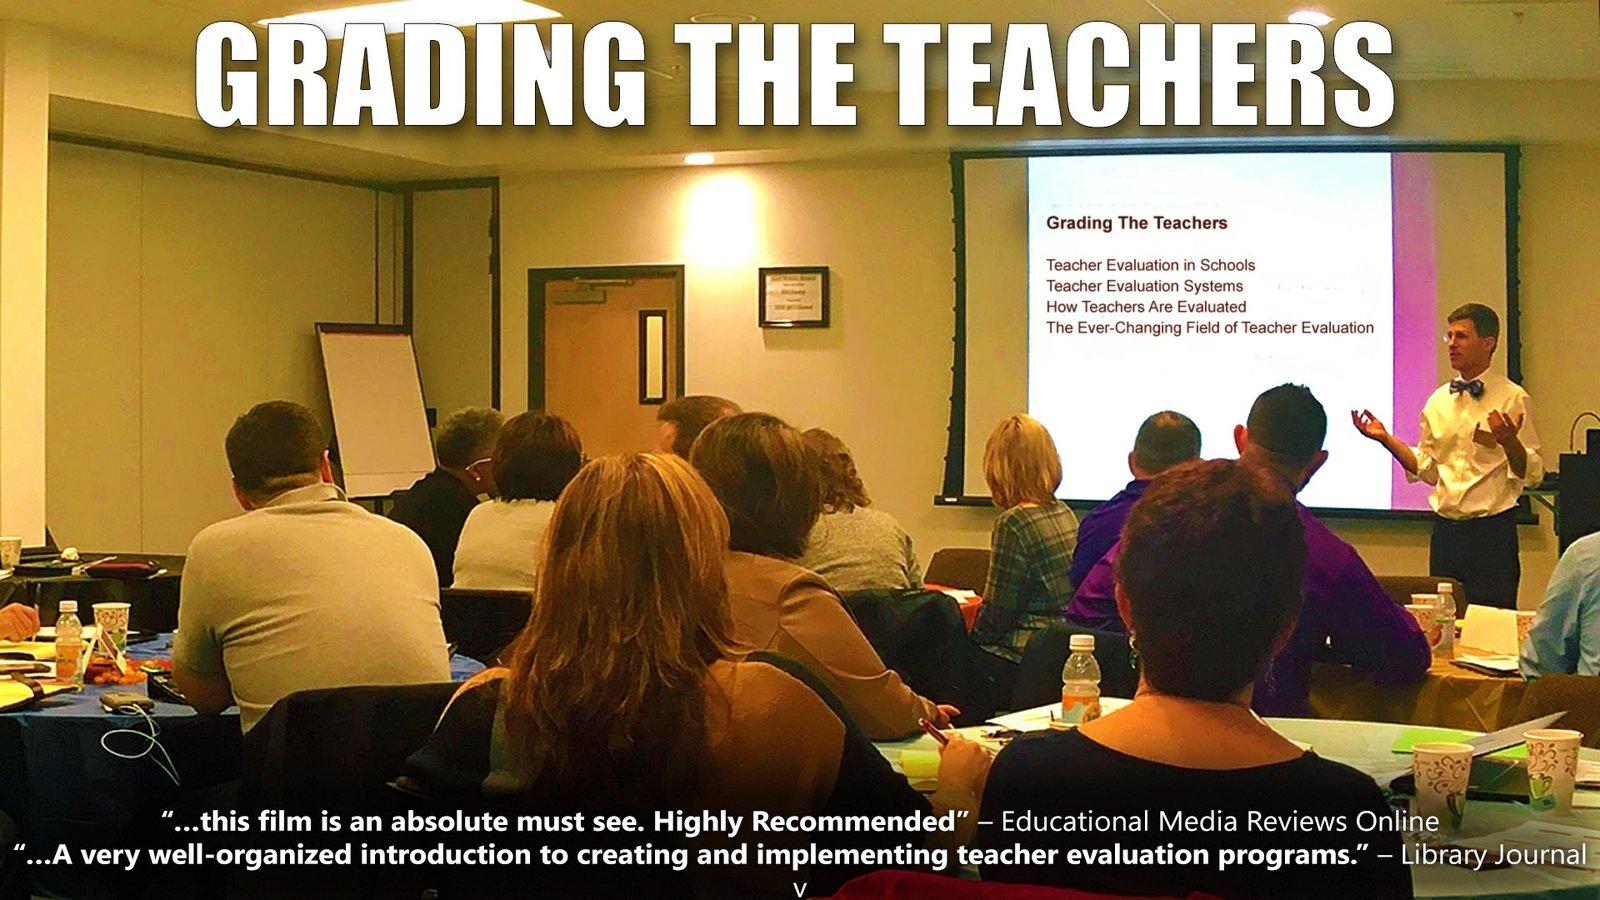 Grading the Teachers - An Exploration into Teacher Evaluation